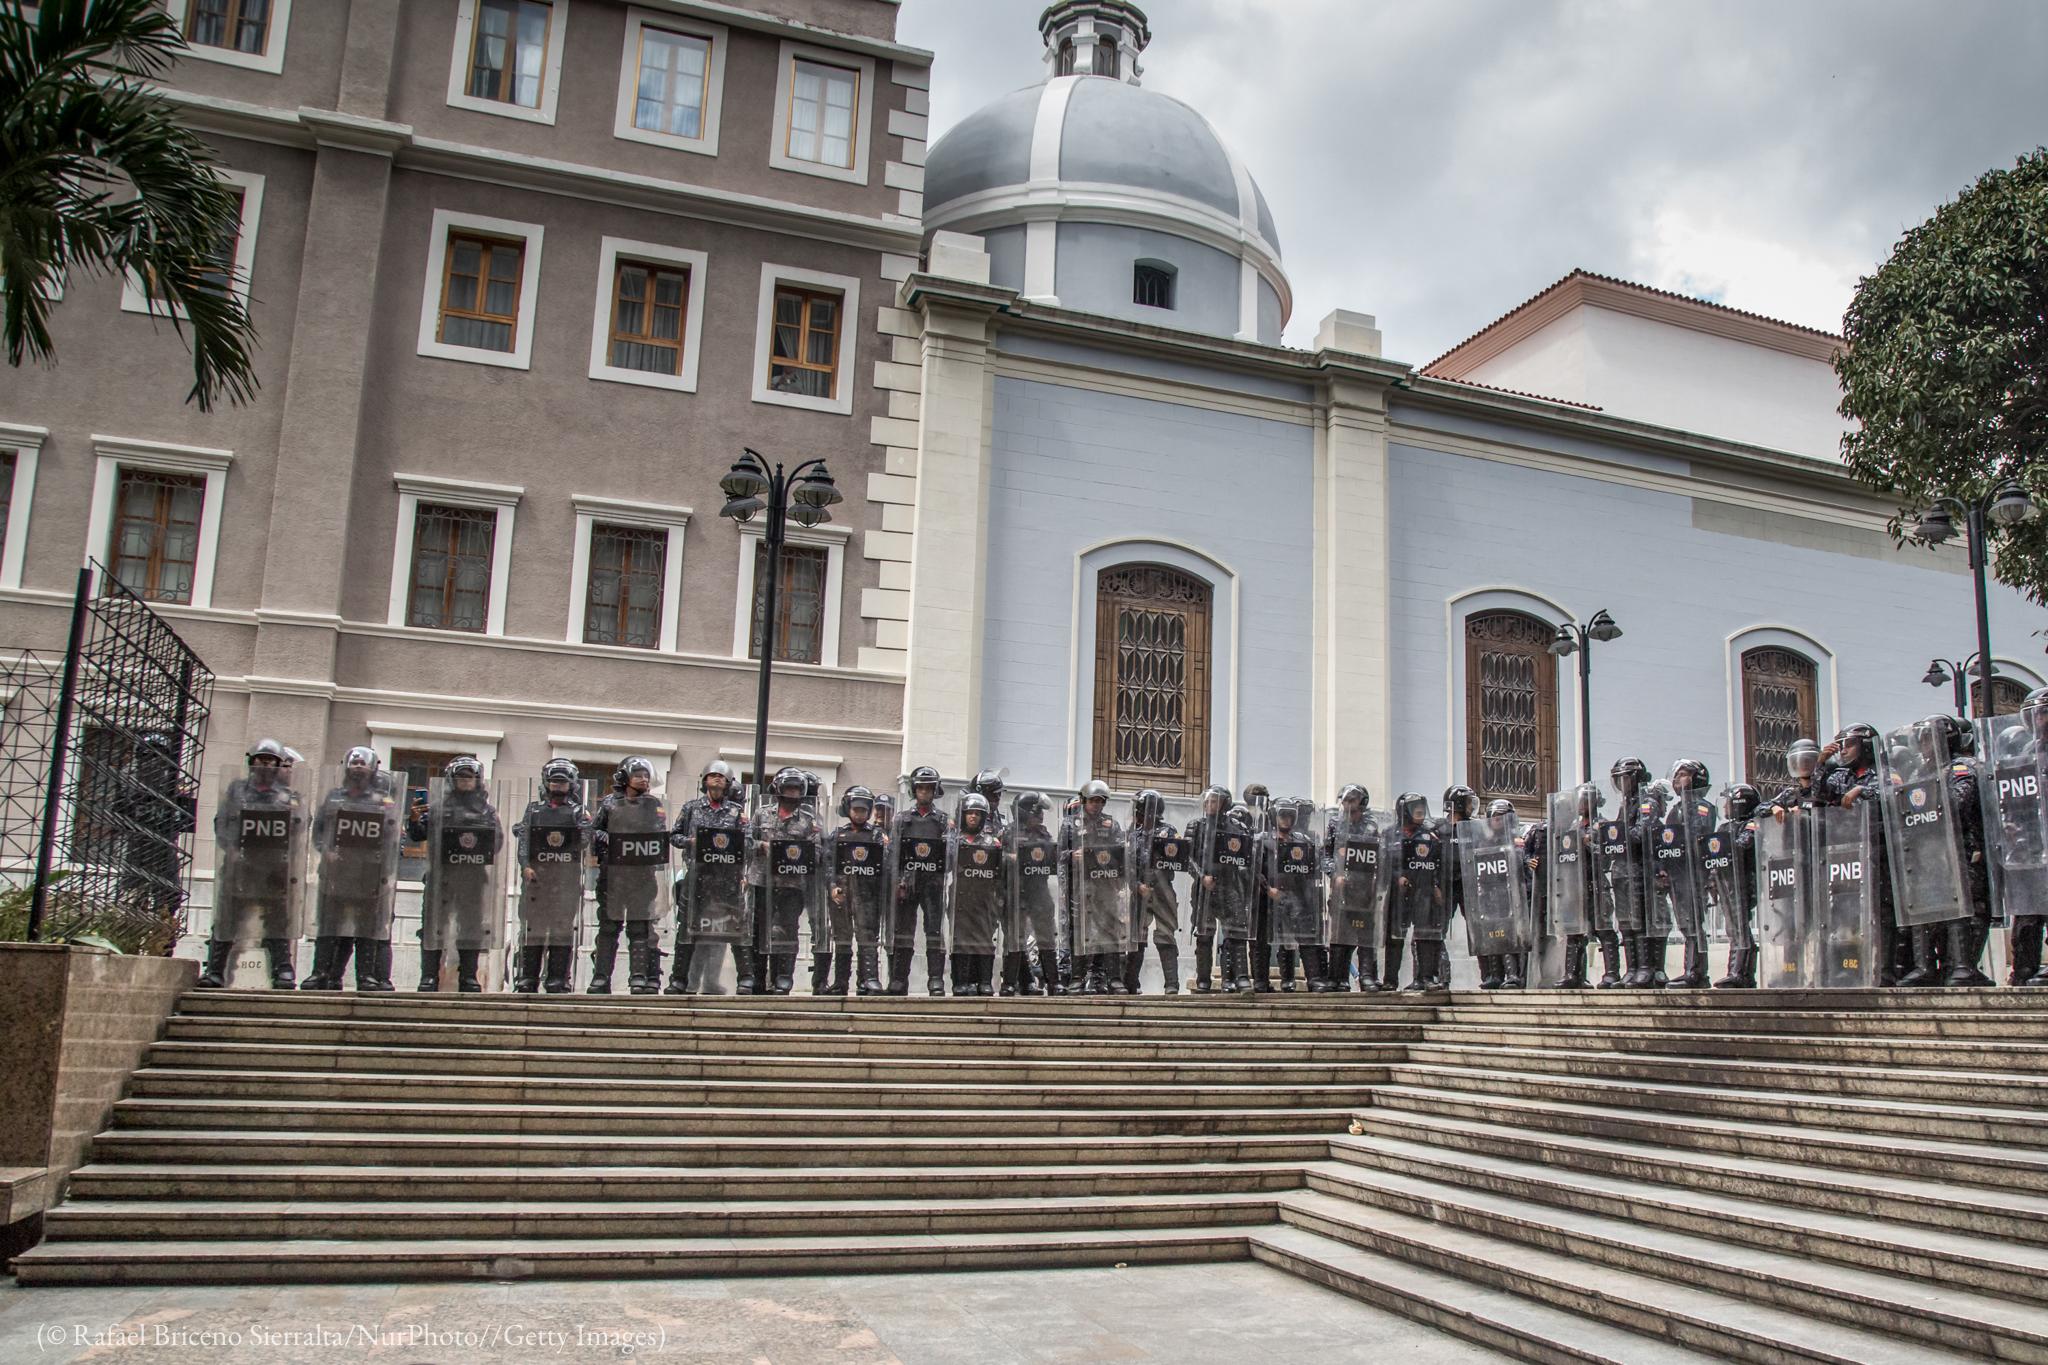 Des personnes en uniforme, équipées de casques et de bouclier, alignées en haut d'un escalier devant un bâtiment (© Rafael Briceno Sierralta/NurPhoto/Getty Images)